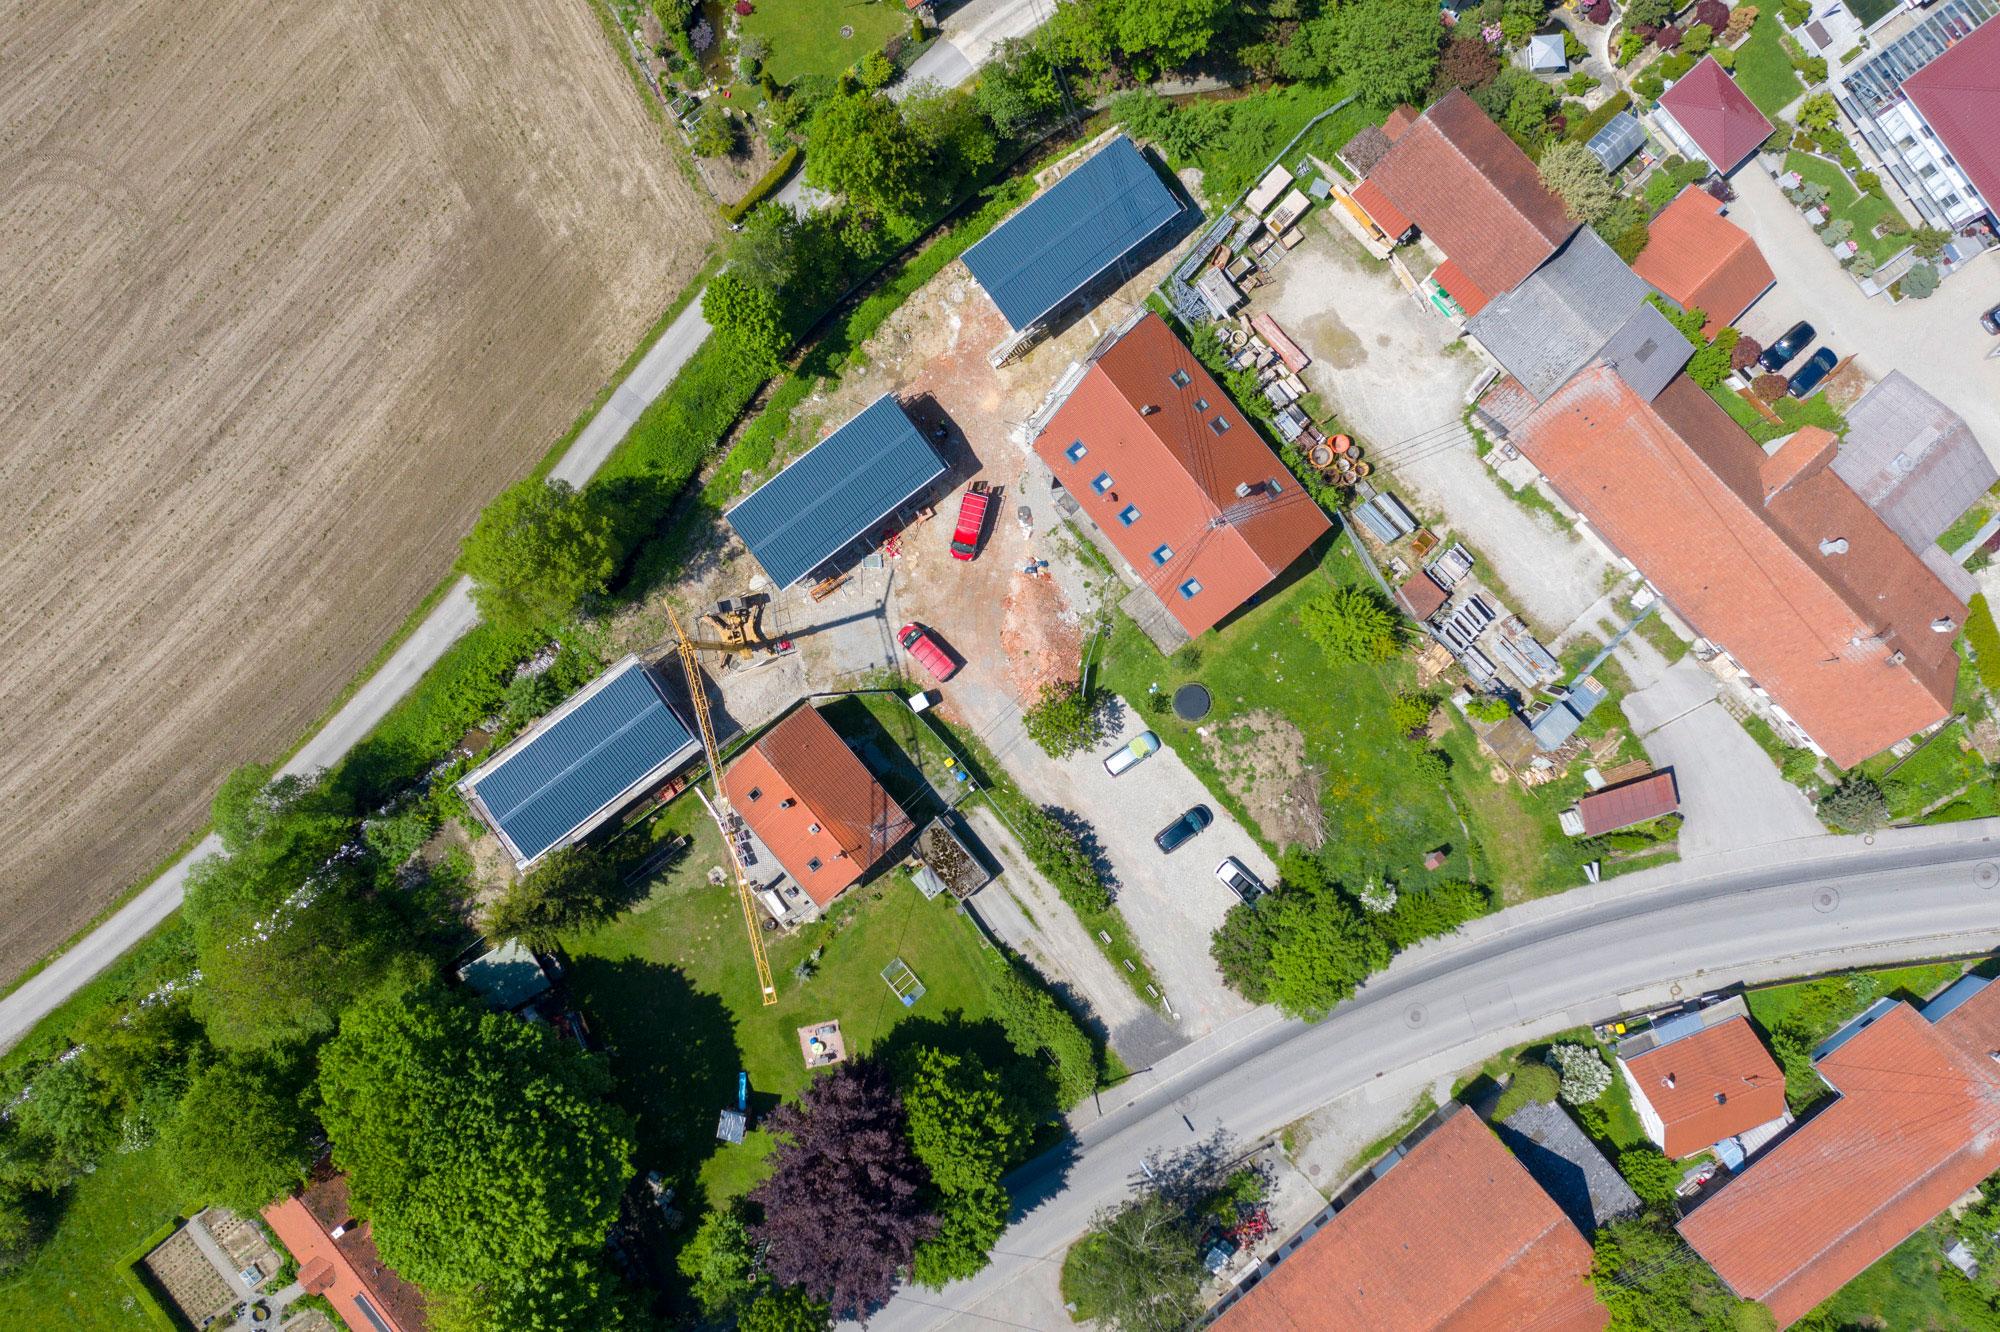 Umbau eines Bauernhofes_Luftbild1